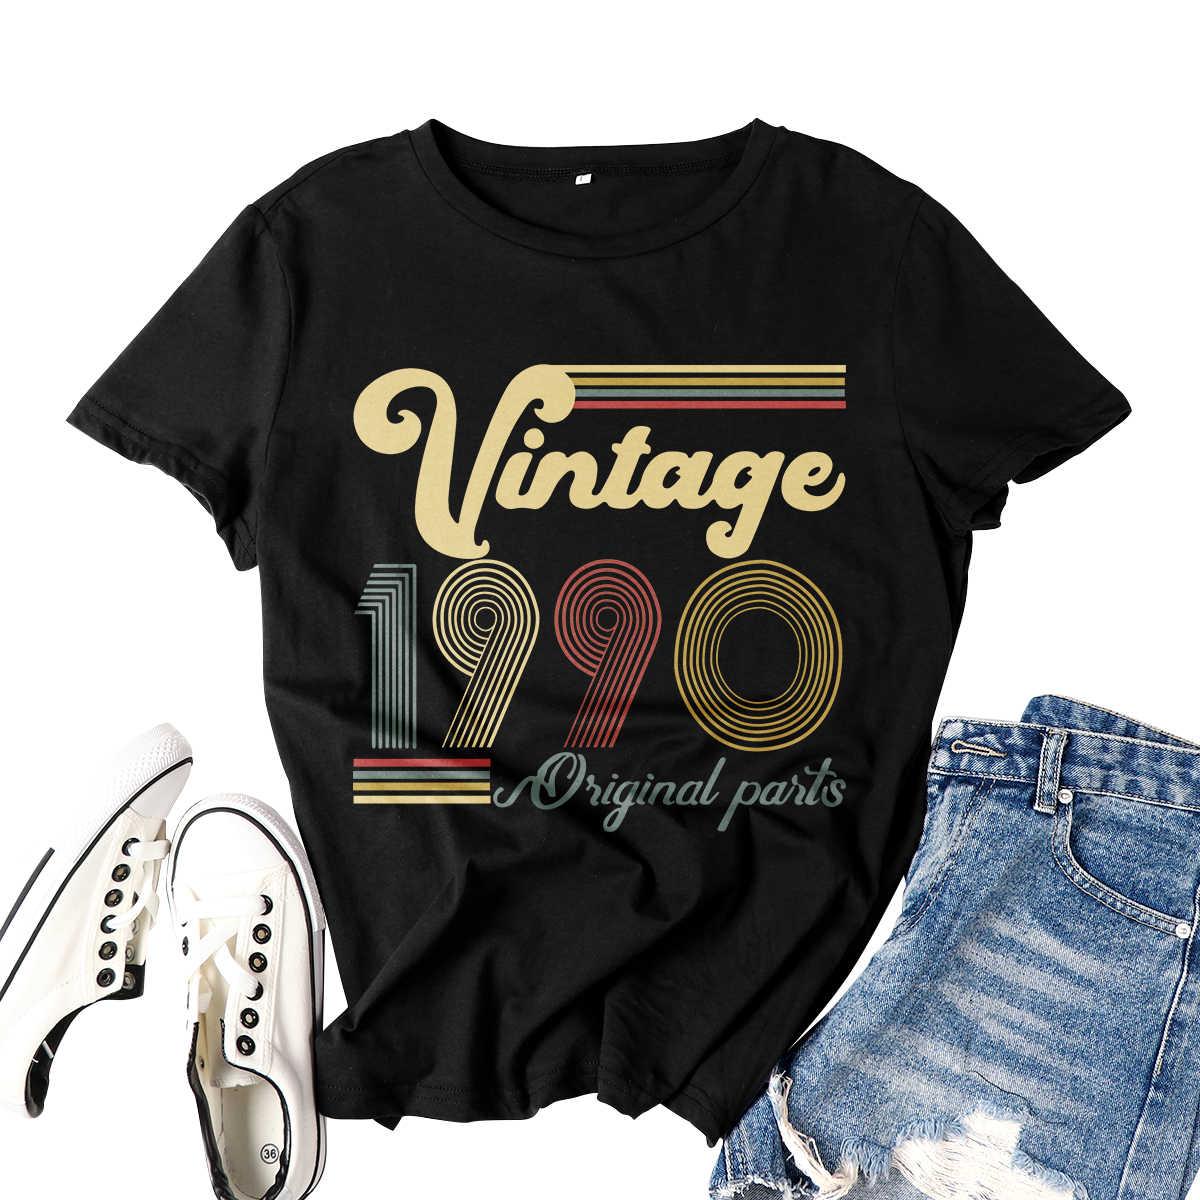 30 번째 생일 선물 여성 Tshirt 레트로 생일 빈티지 1990 오리지널 파트 Femme 의류 반소매 티셔츠